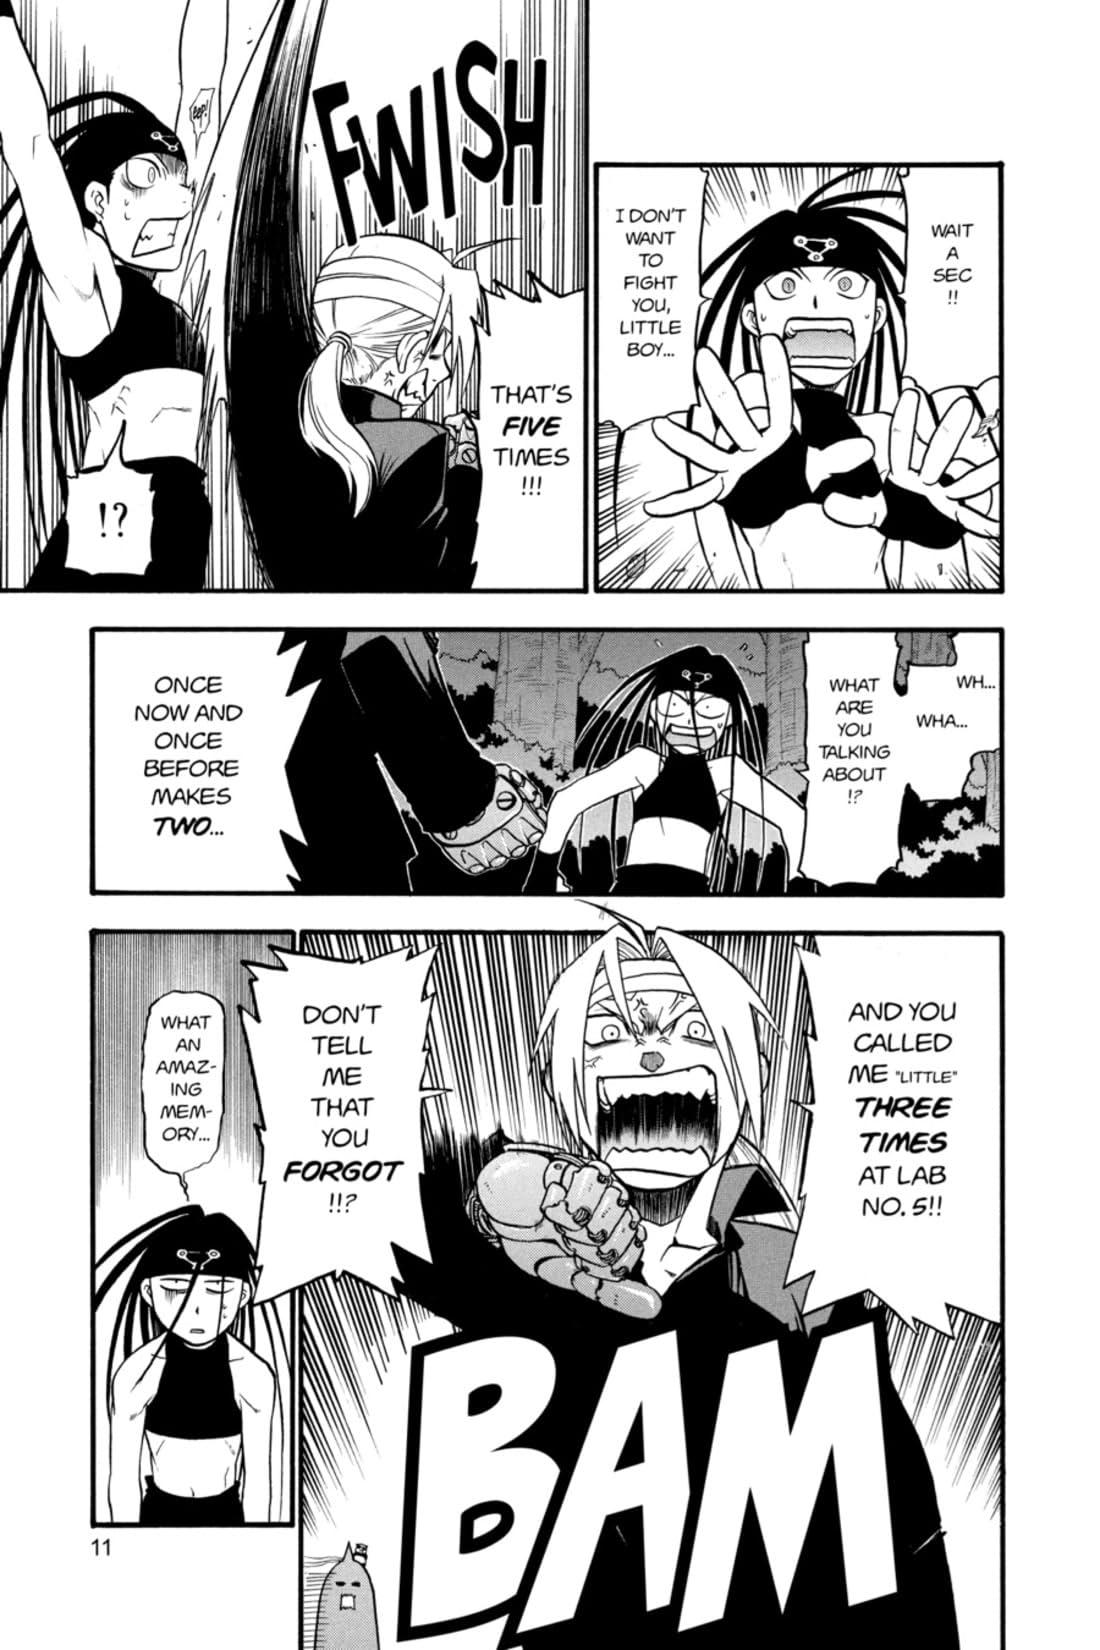 Fullmetal Alchemist Vol. 13